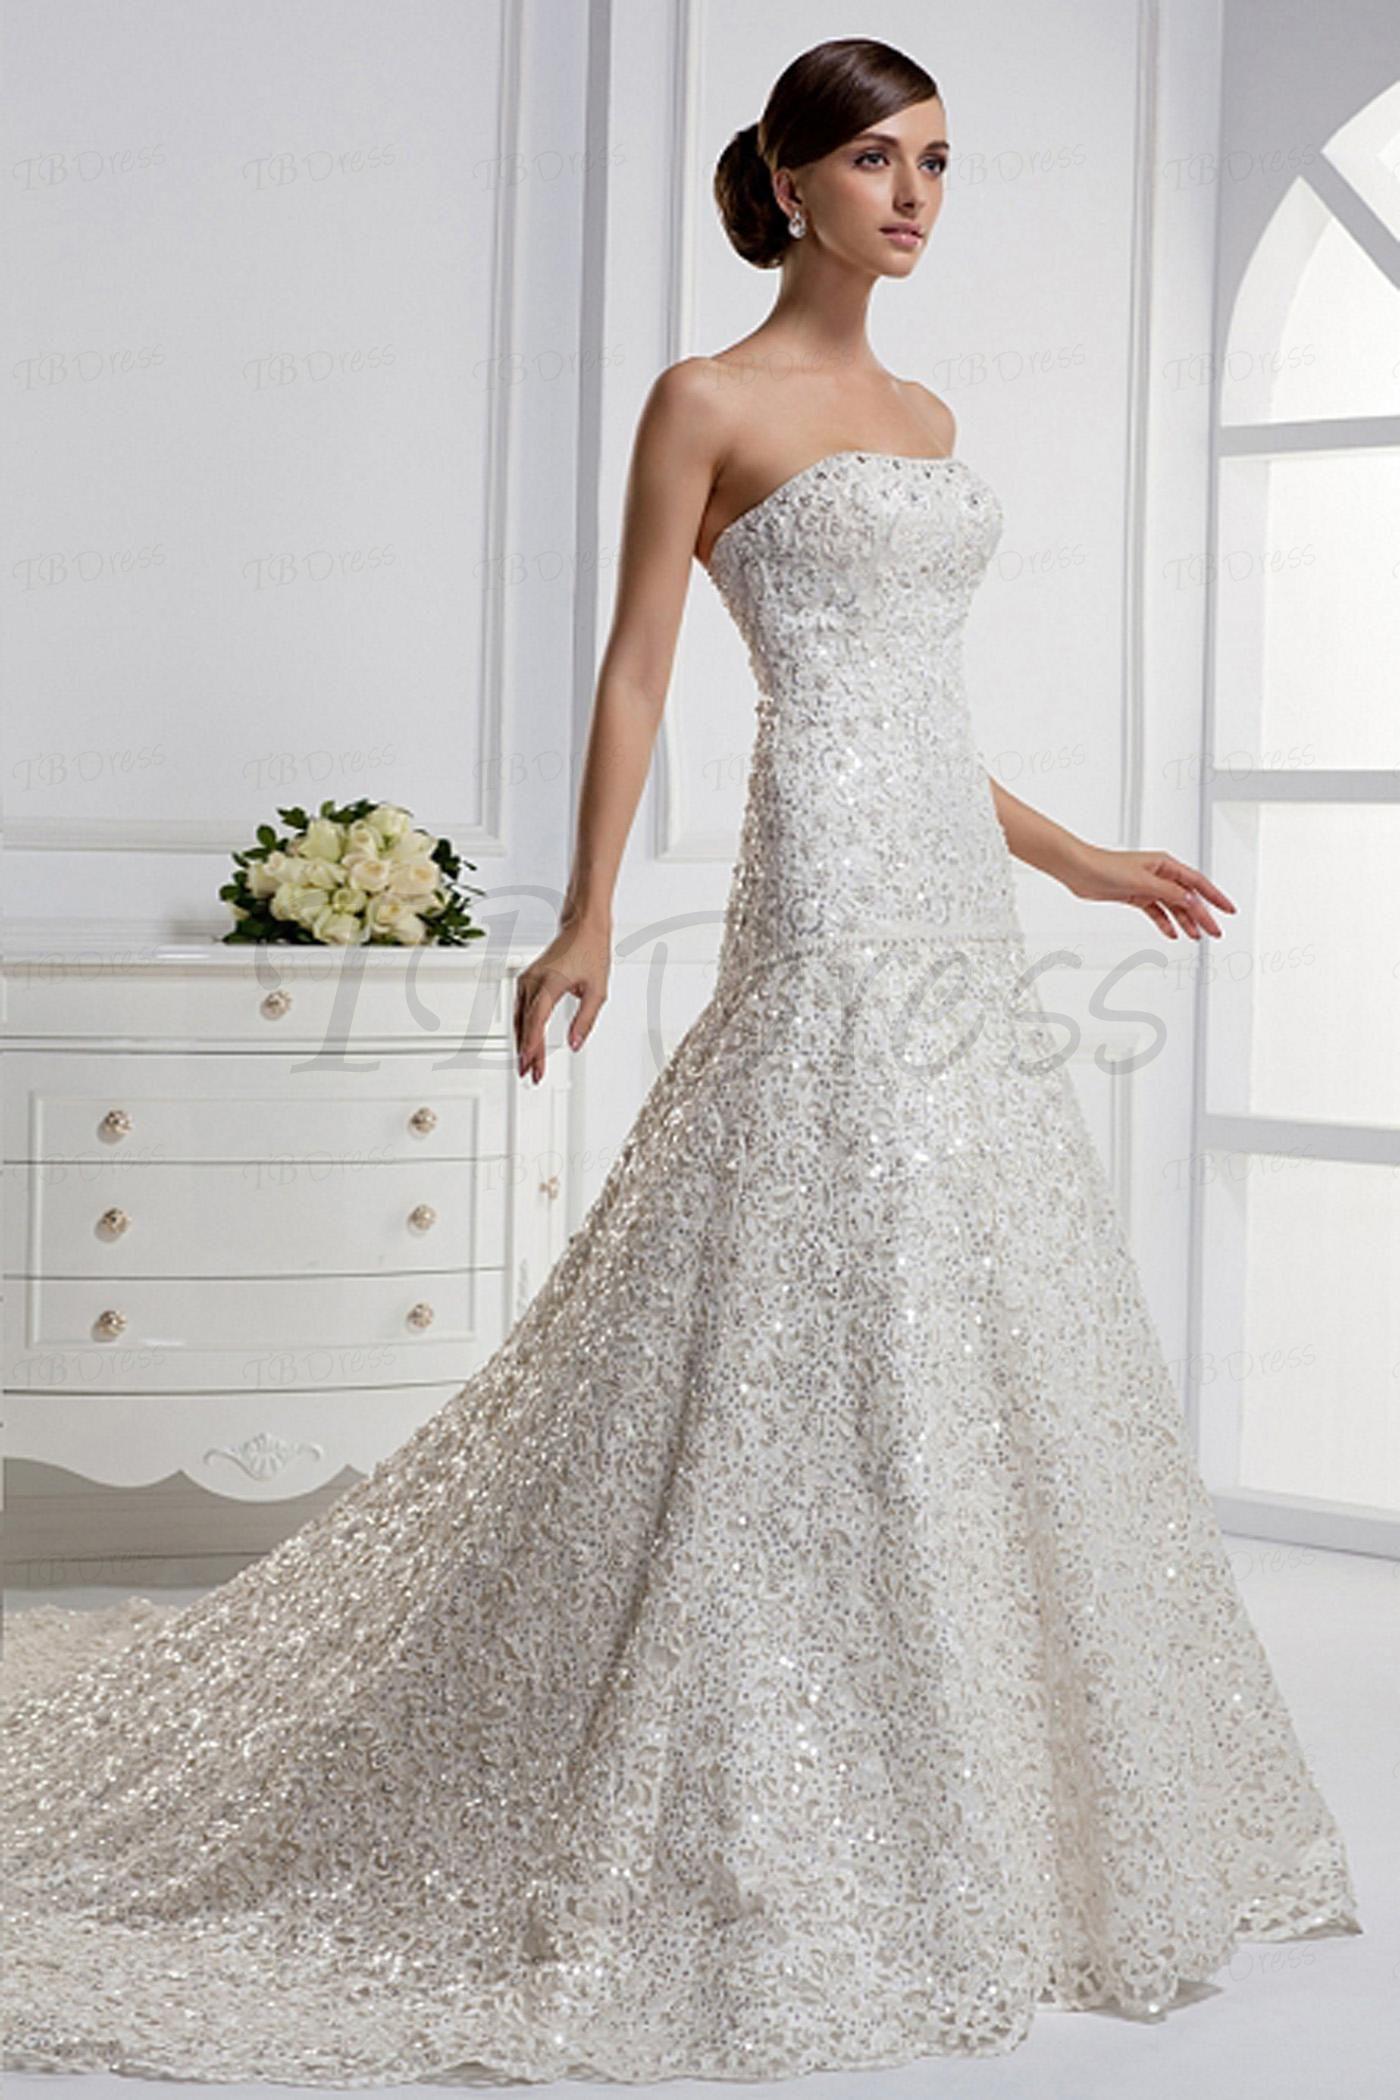 Silbernes #Brautkleid mit viel Blink Blink // A silver #WeddingGown ...